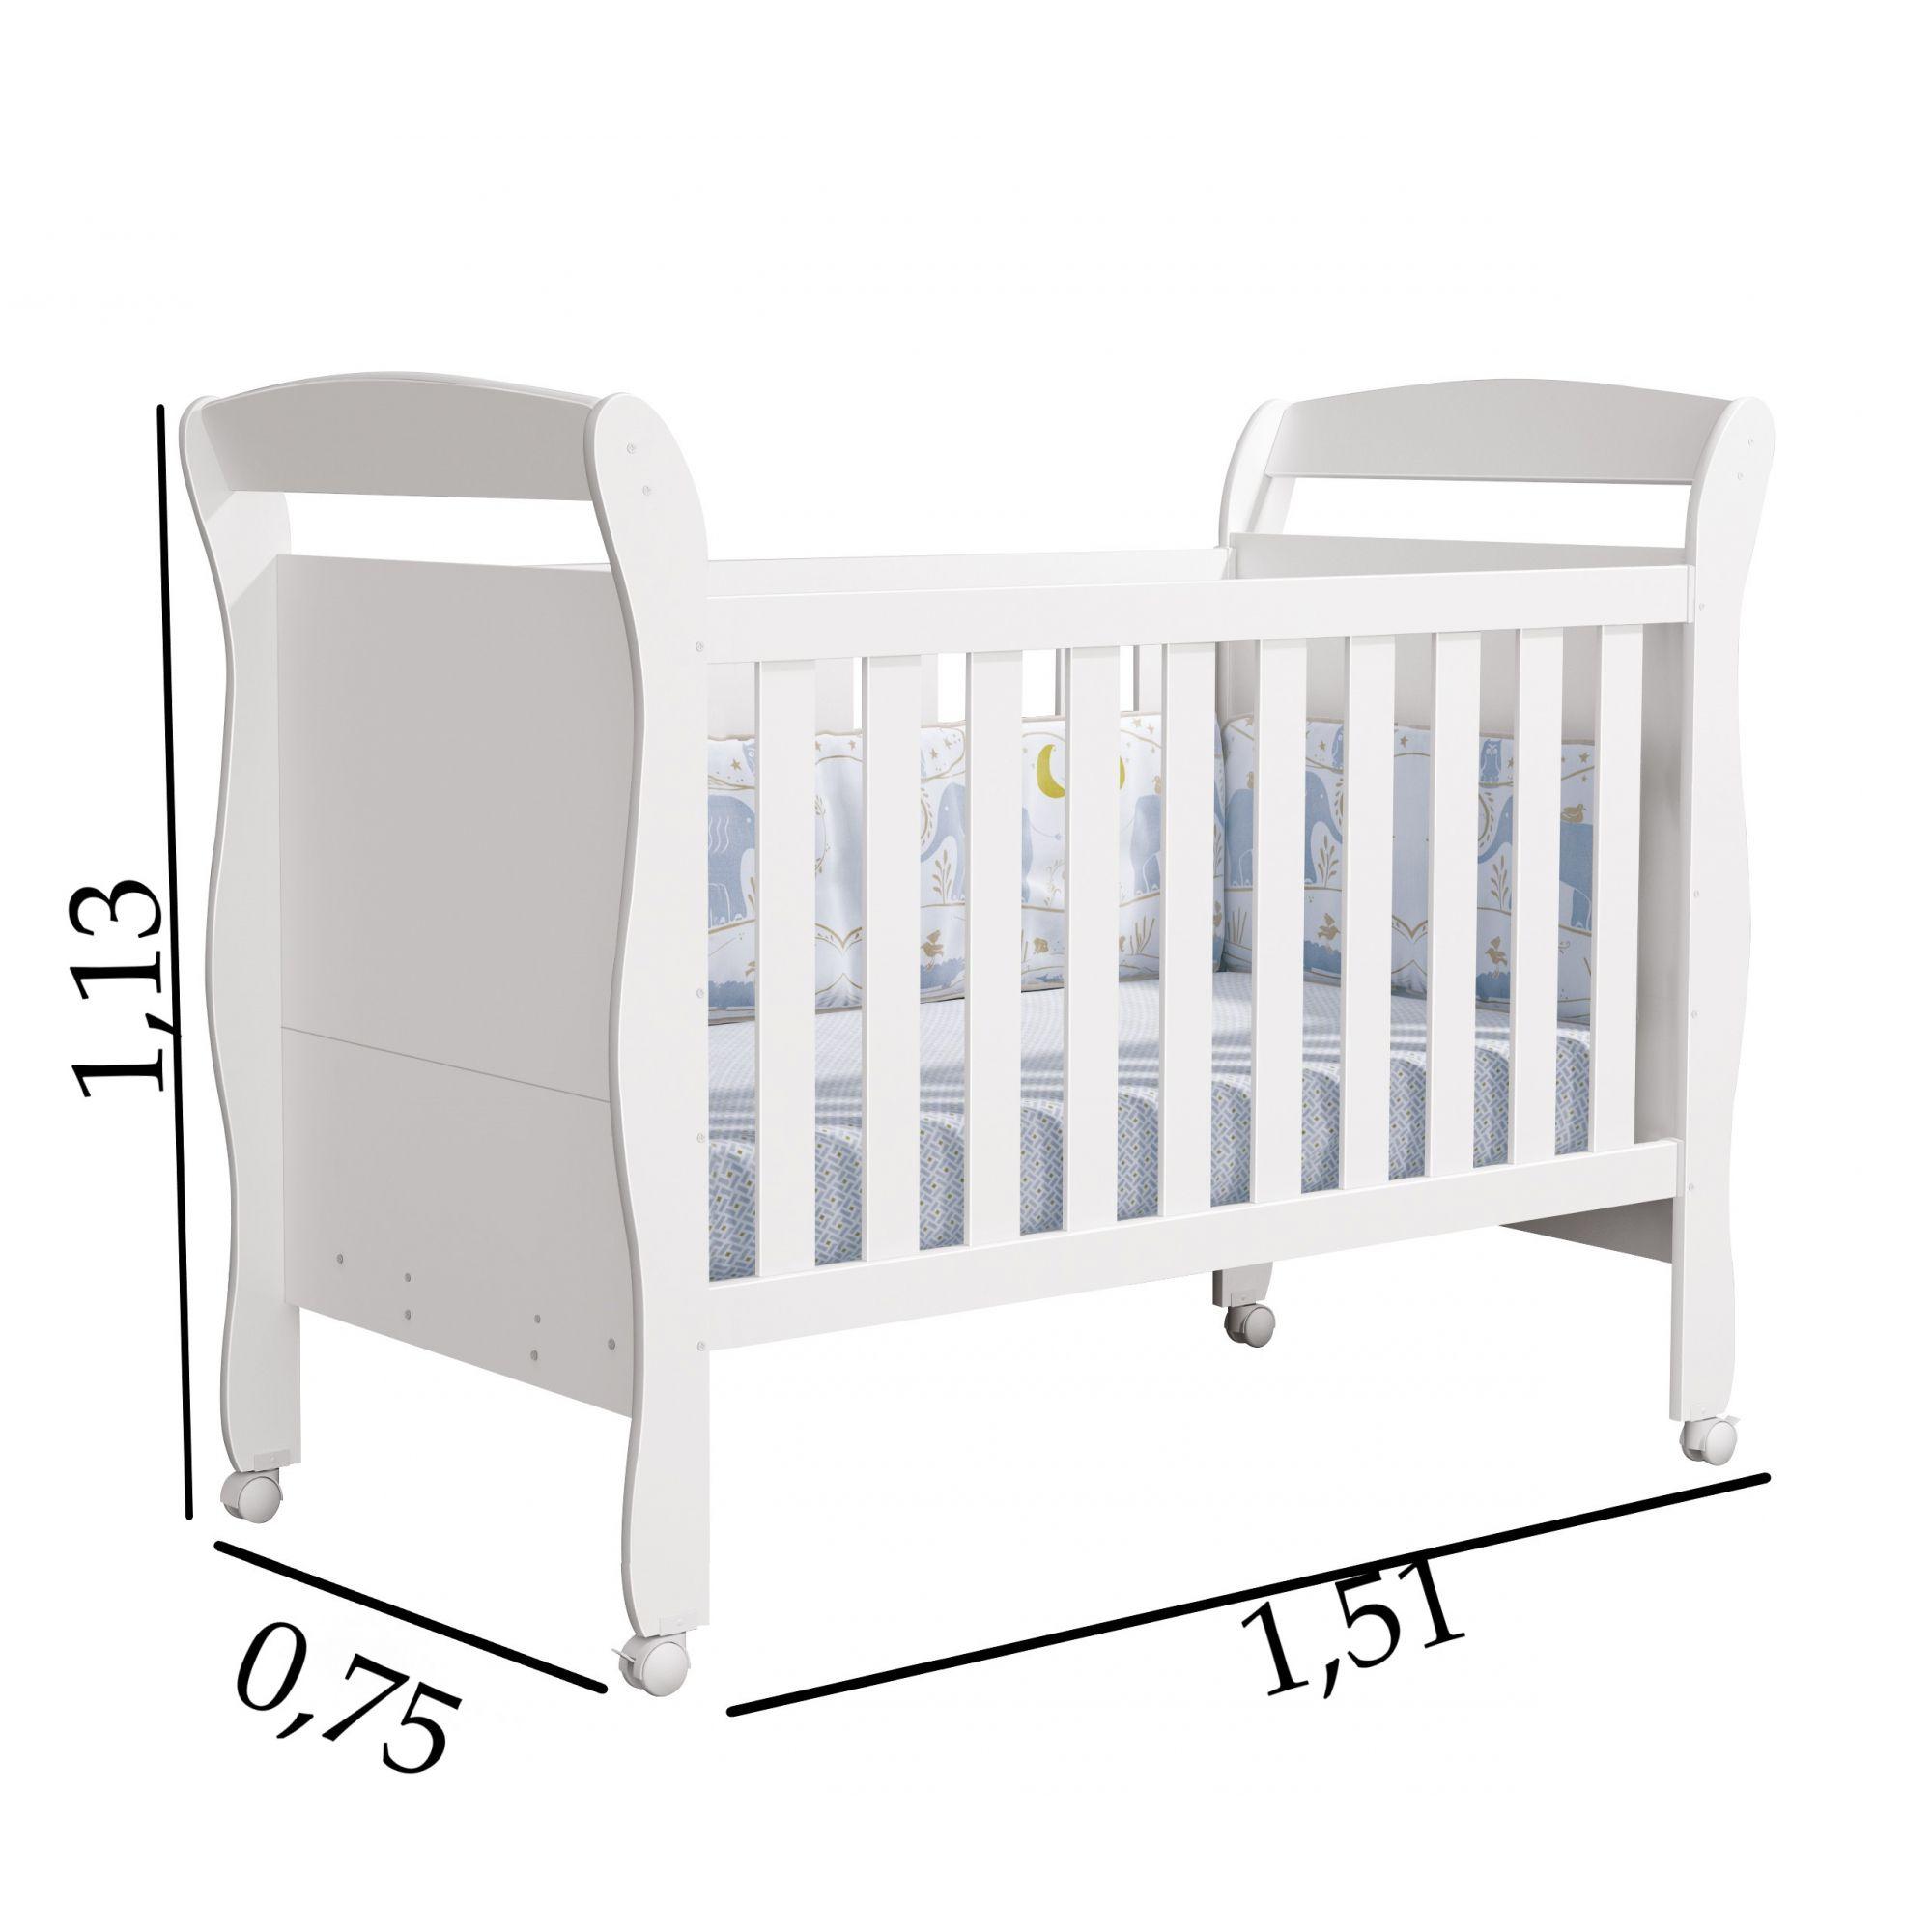 Quarto Infantil com Berço João + Guarda Roupa 4 Portas Livia  + Colchão - Phoenix Baby